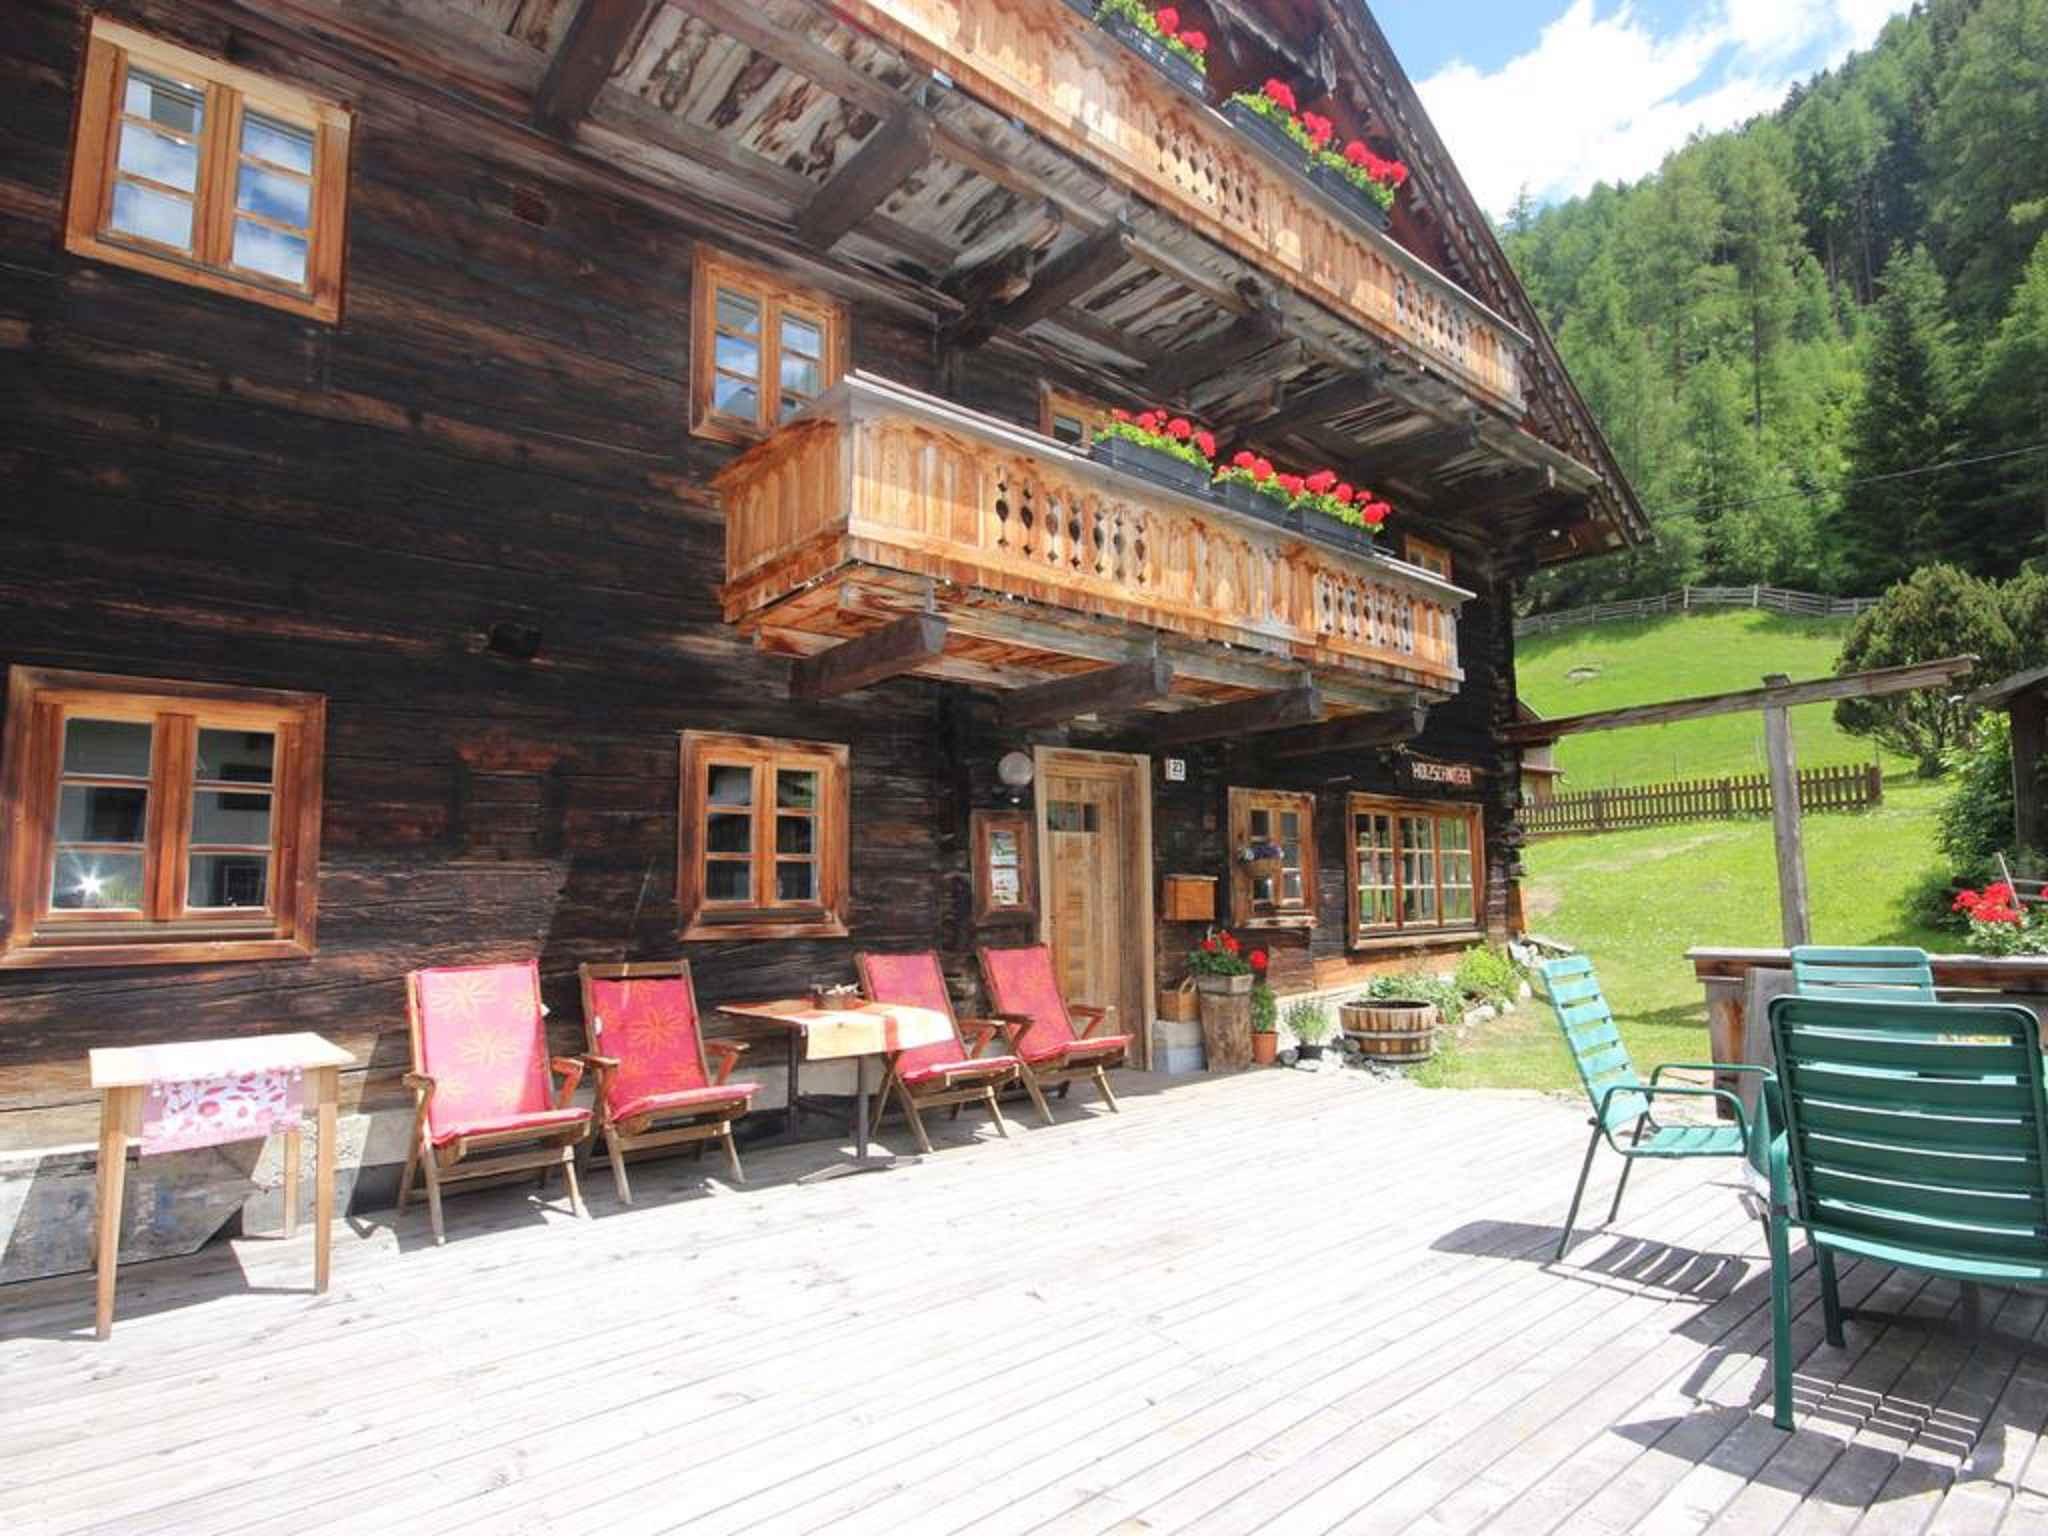 Ferienwohnung in einem über 300 Jahre alten Holzhaus (283708), Sölden (AT), Ötztal, Tirol, Österreich, Bild 6